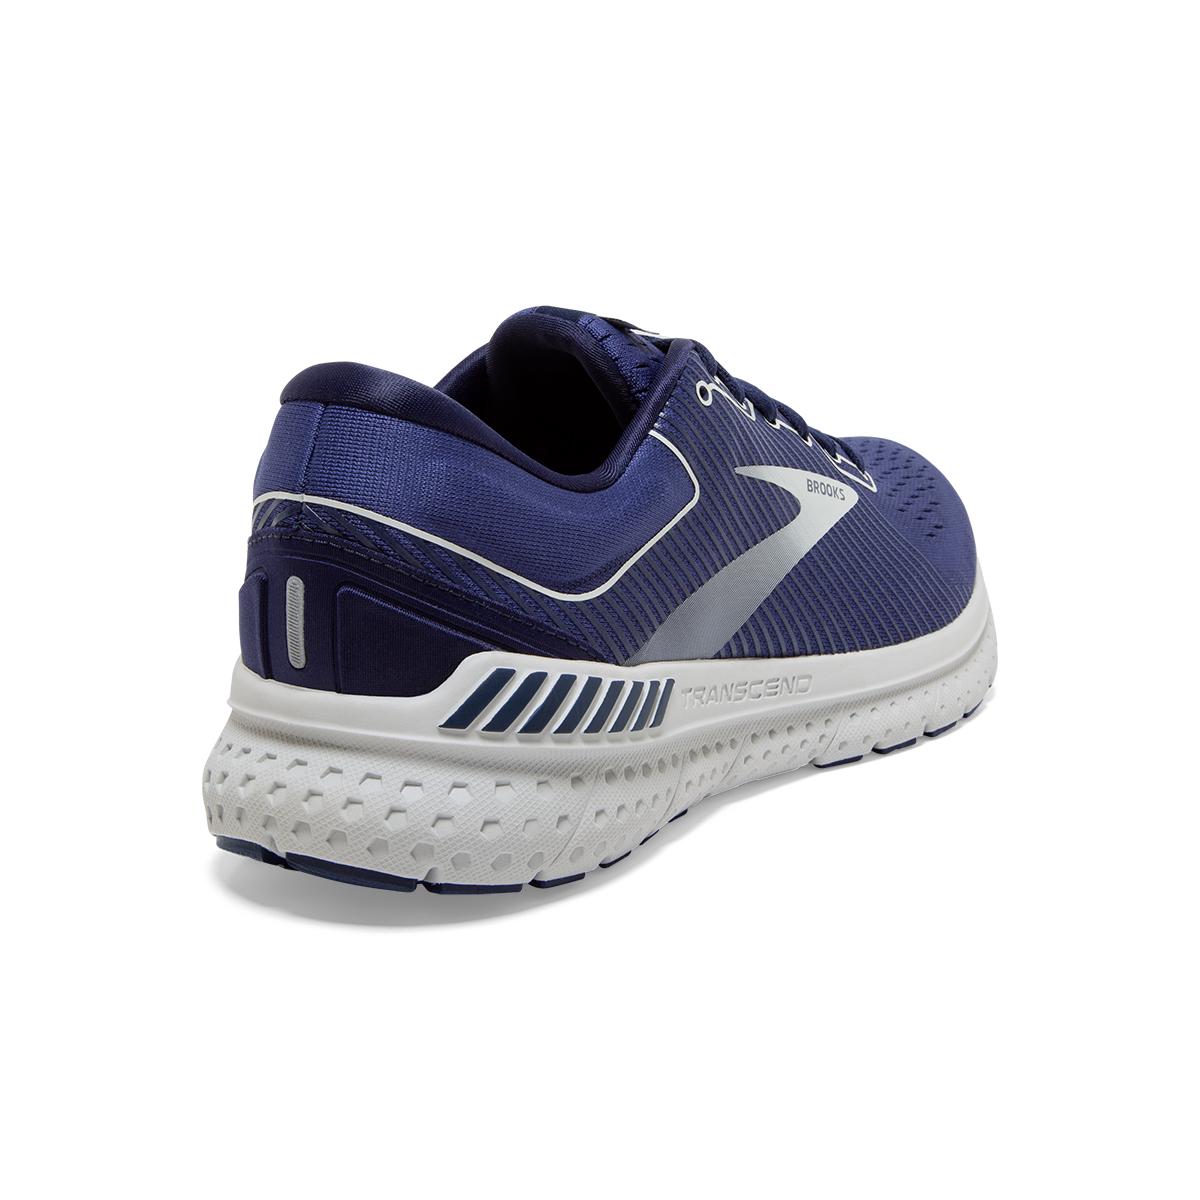 Men's Brooks Transcend 7 Running Shoe - Color: Deep Cobalt/Grey - Size: 7 - Width: Regular, Deep Cobalt/Grey, large, image 4